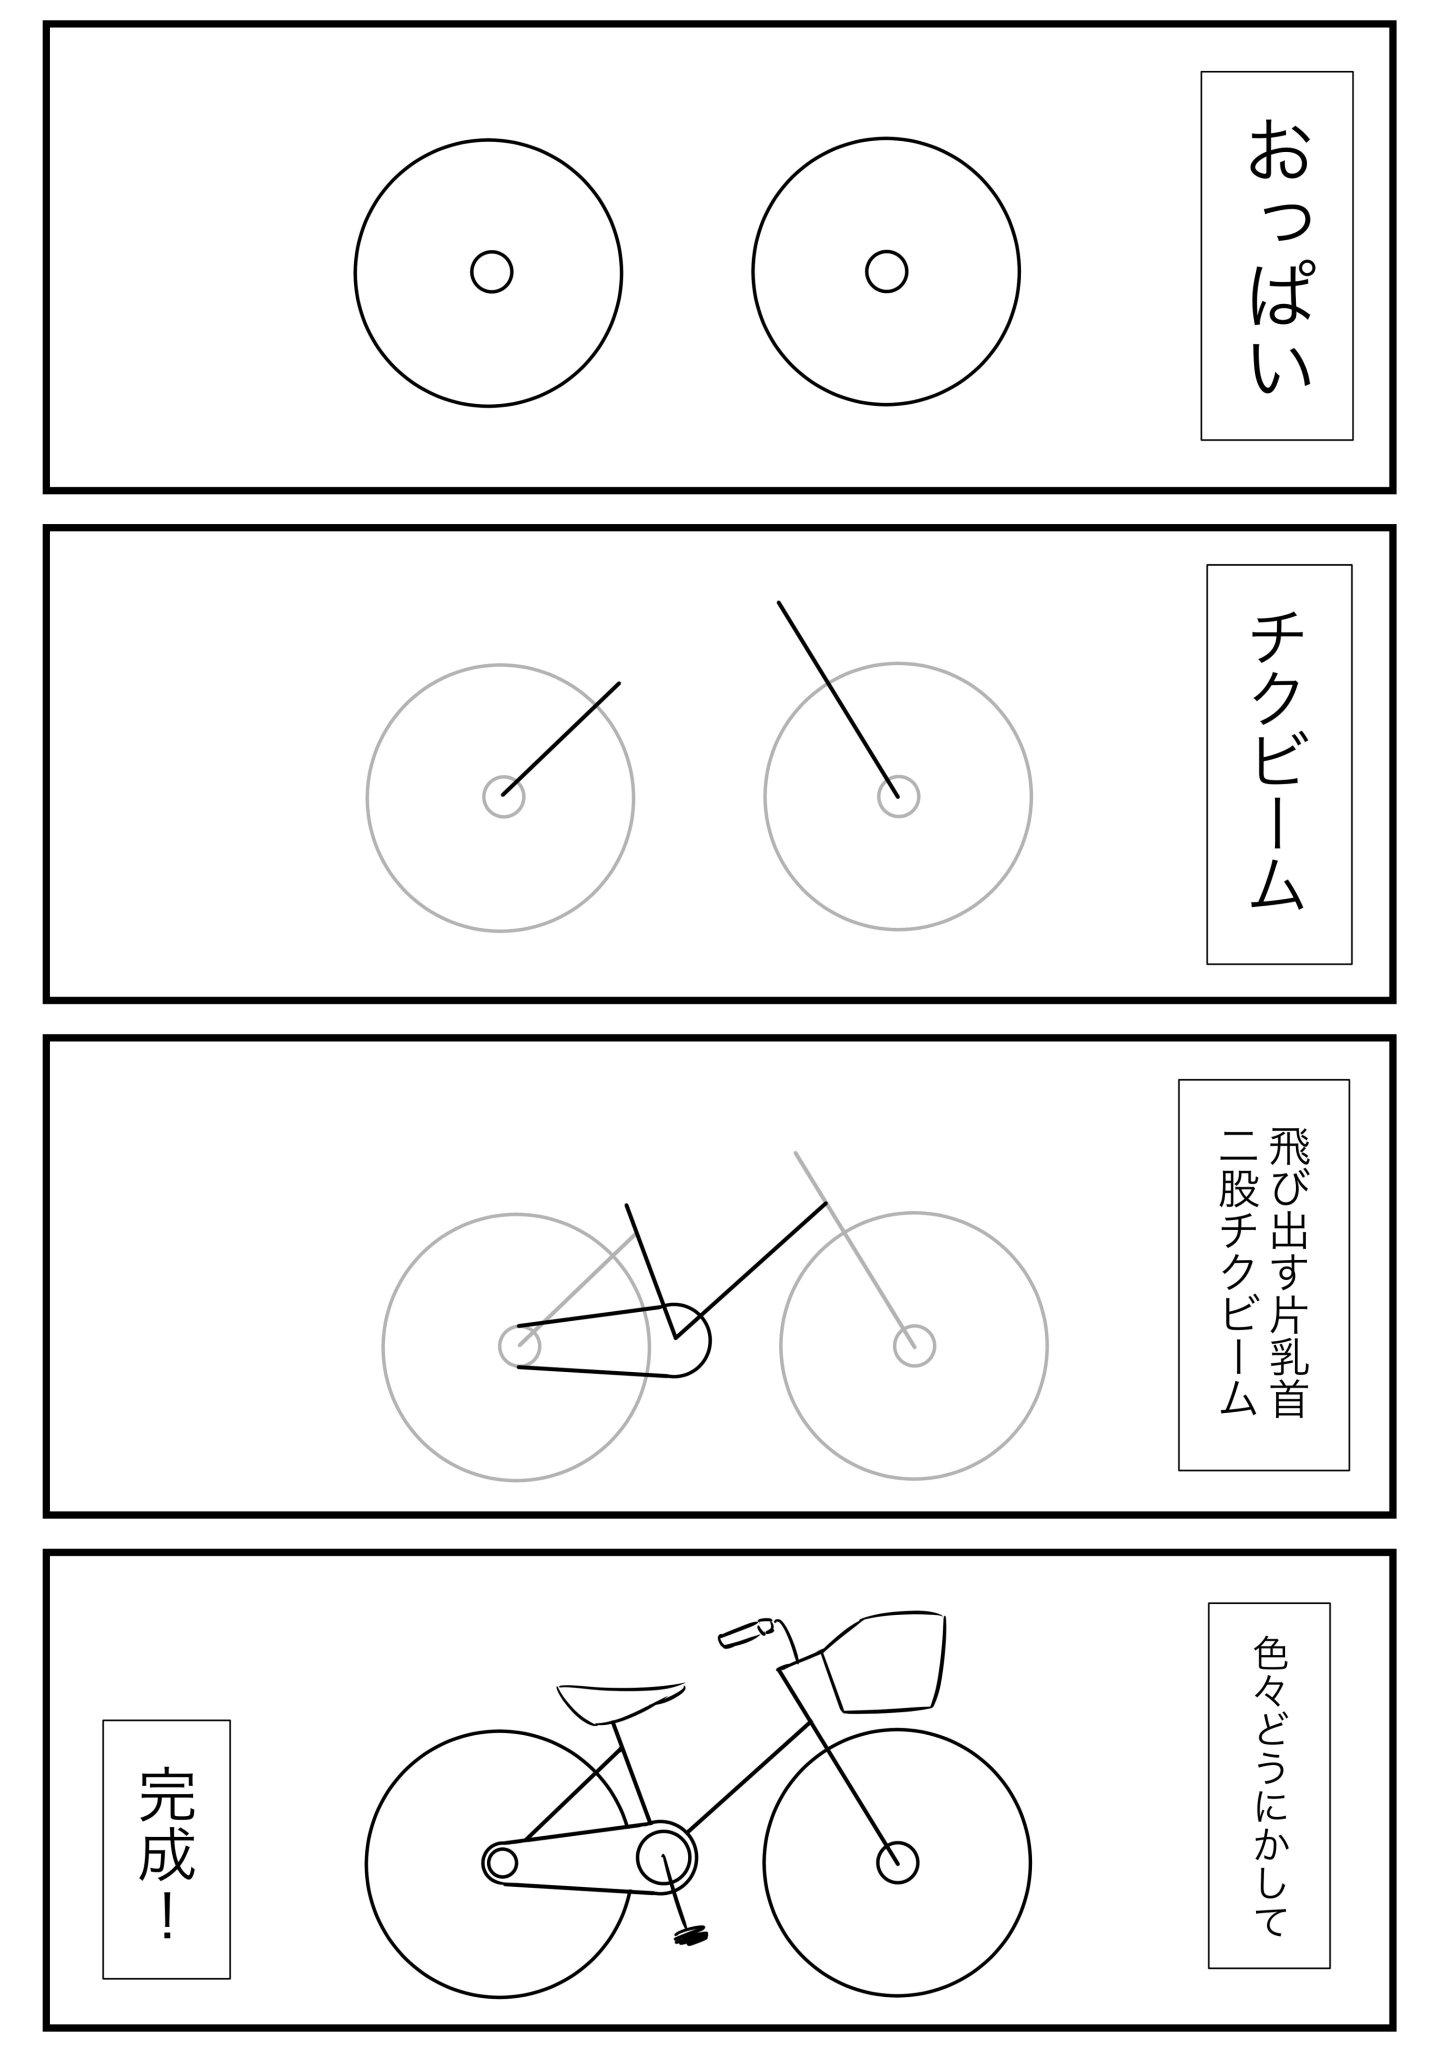 「自転車っていつも見ているのに、いざ描けって言われると描けない」と友人が言っていたので私が「わかりやすく4コマにまとめてあげるね」と送りつけたら死ぬほど不評だったマンガがこちらです。